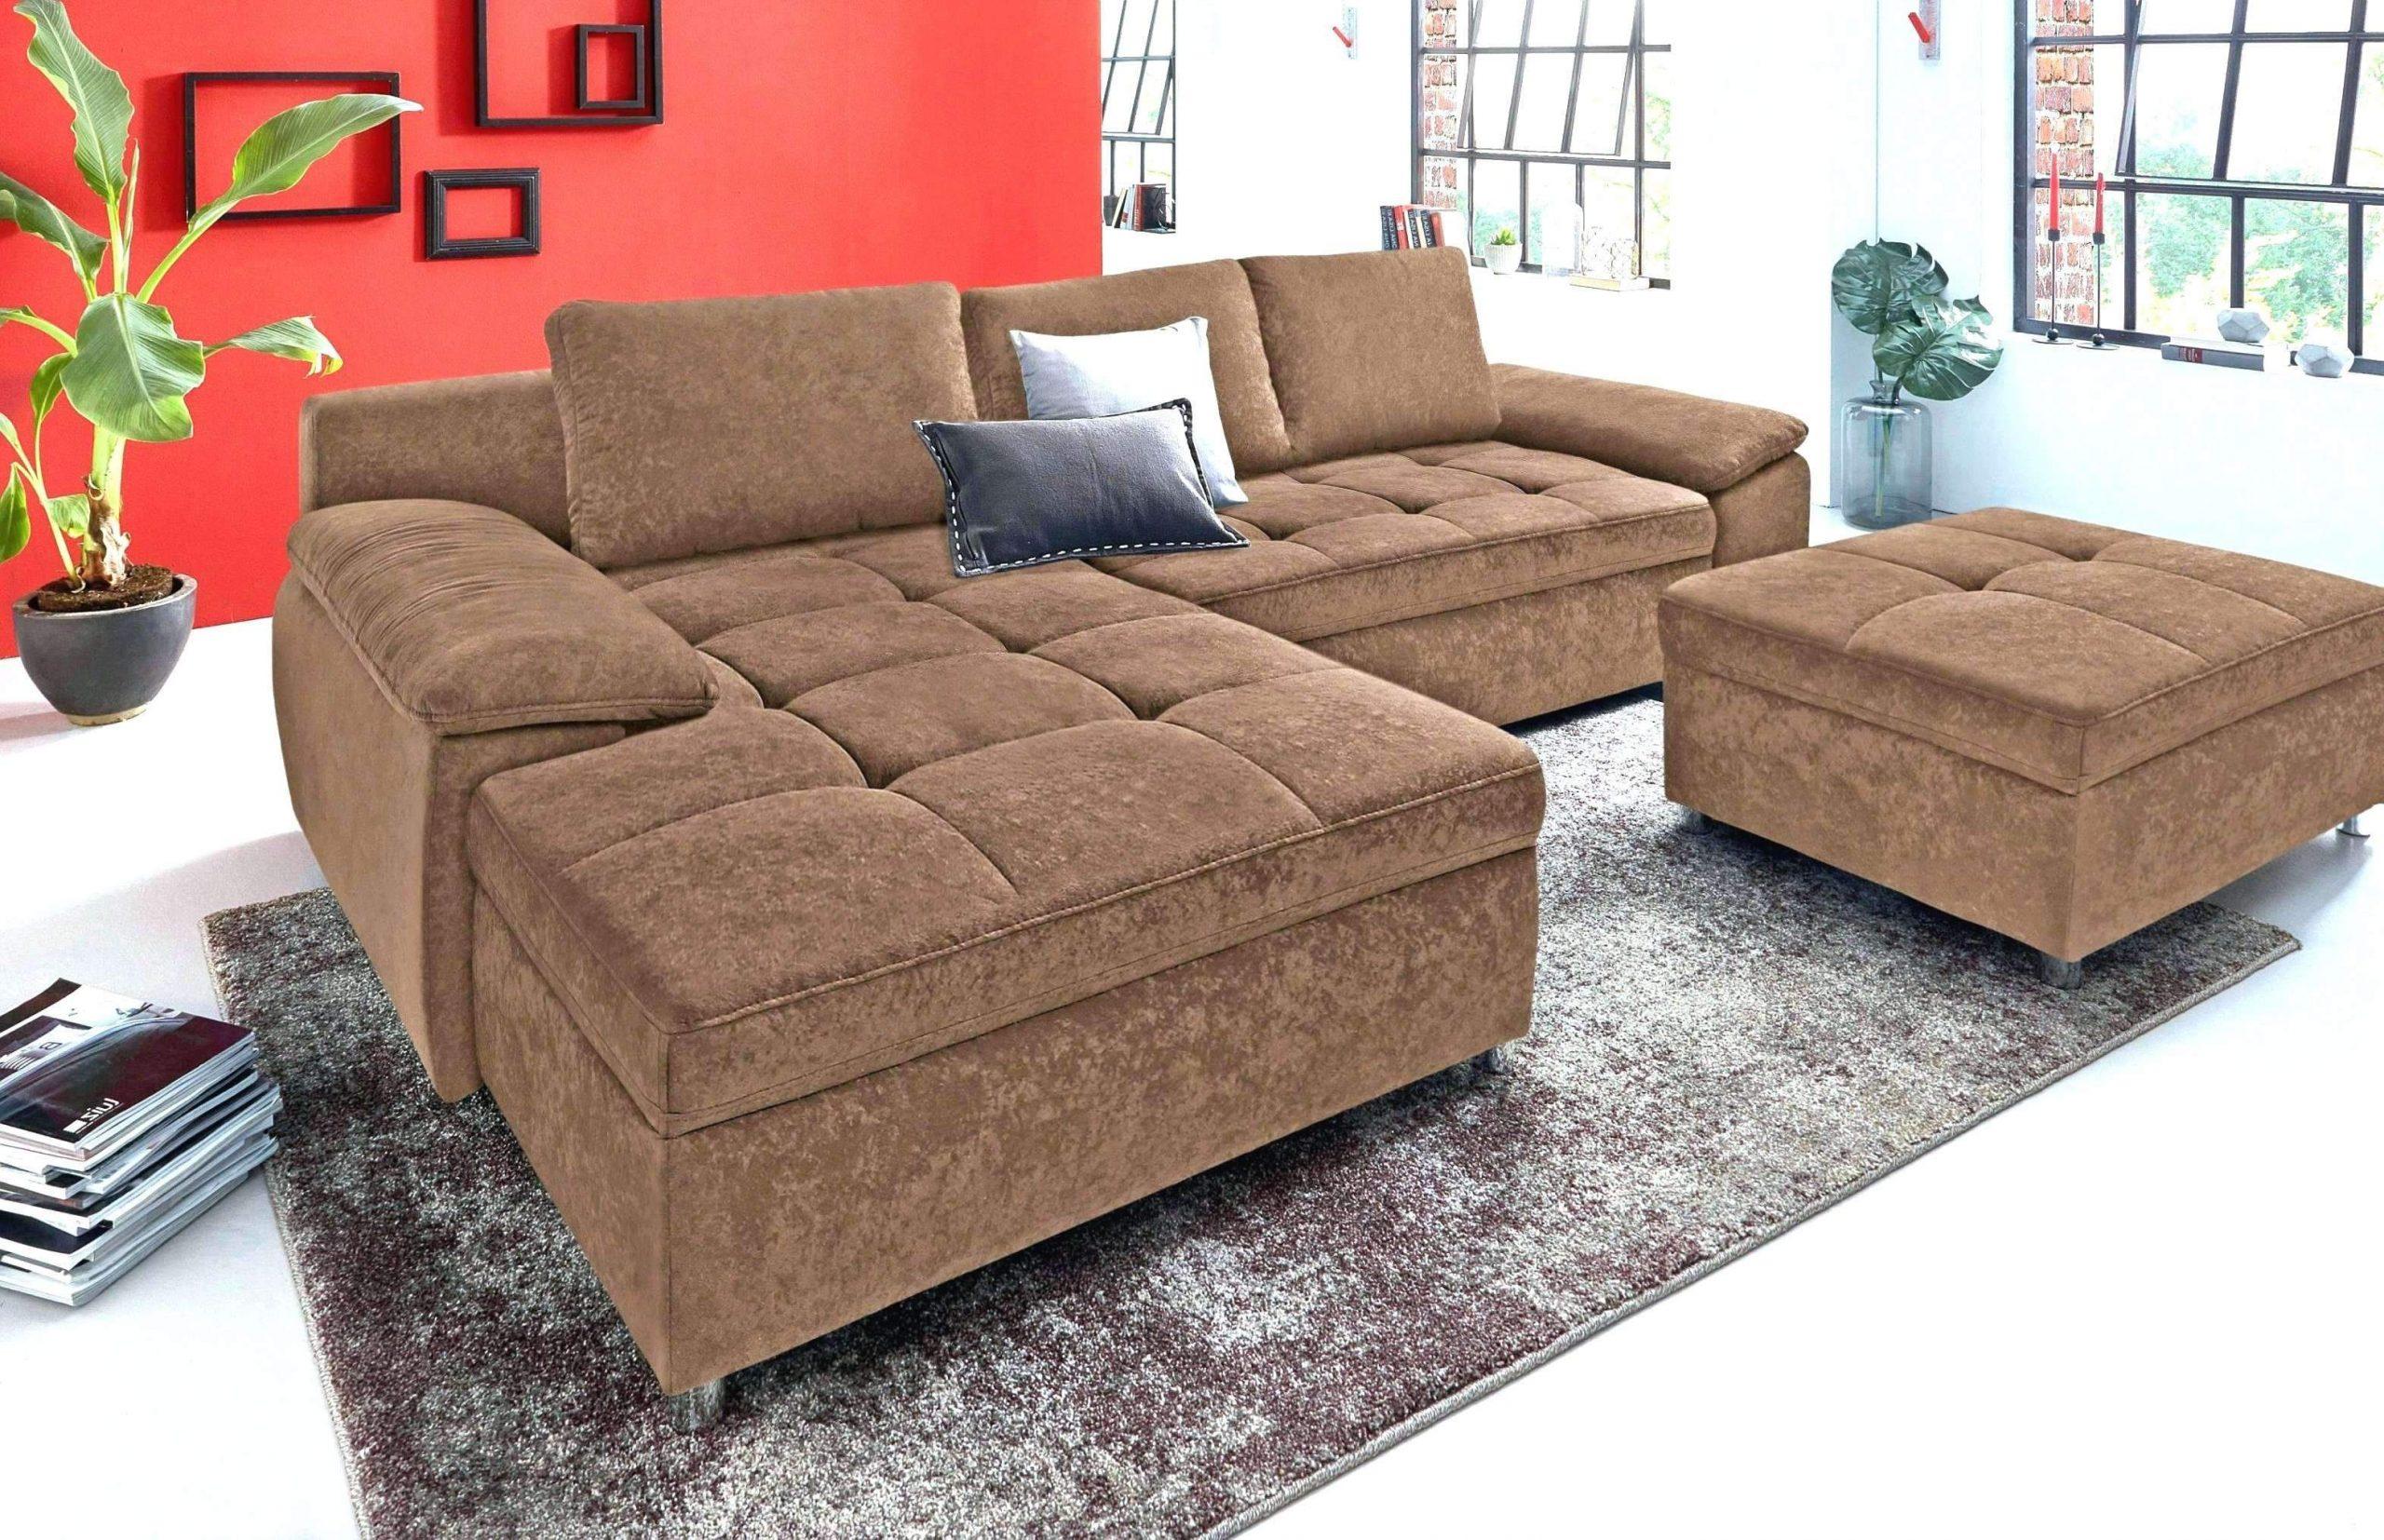 Full Size of Sofa Für Kleines Wohnzimmer Welches Sofa Für Kleines Wohnzimmer Anordnung Sofa Kleines Wohnzimmer Couch Für Kleines Wohnzimmer Wohnzimmer Sofa Kleines Wohnzimmer